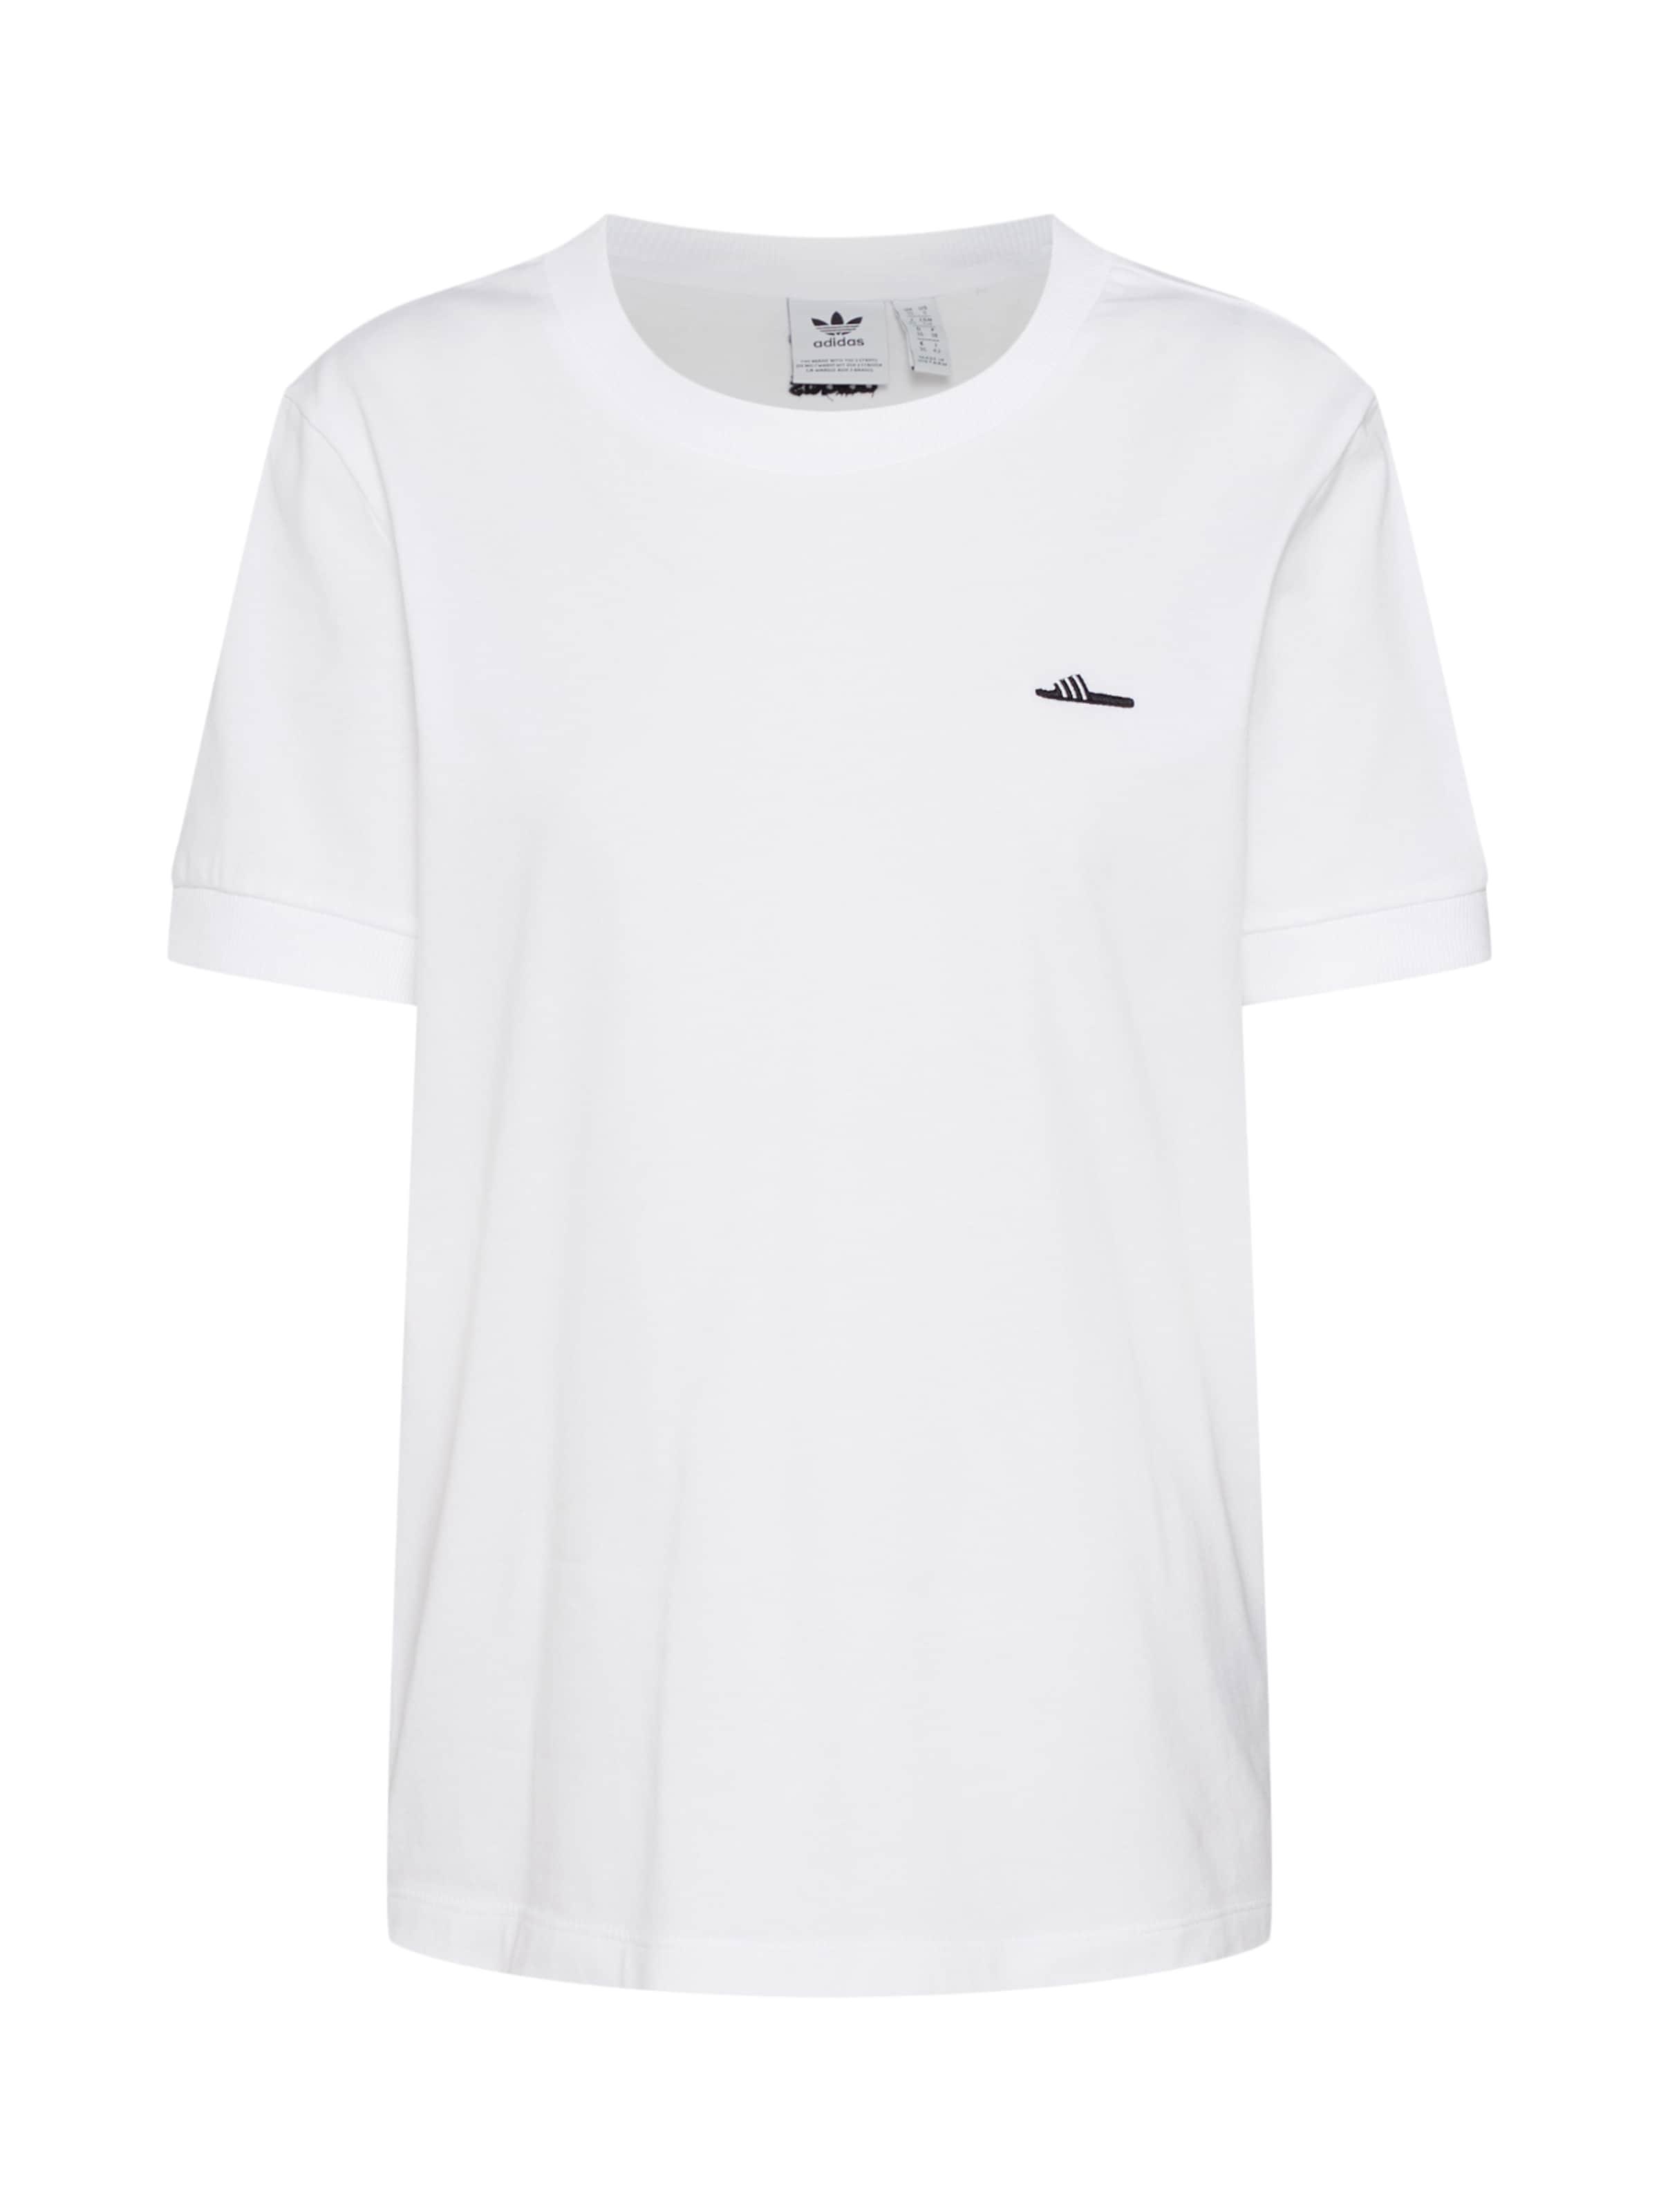 Originals Weiß In Adidas shirt T TJ3ul1FKc